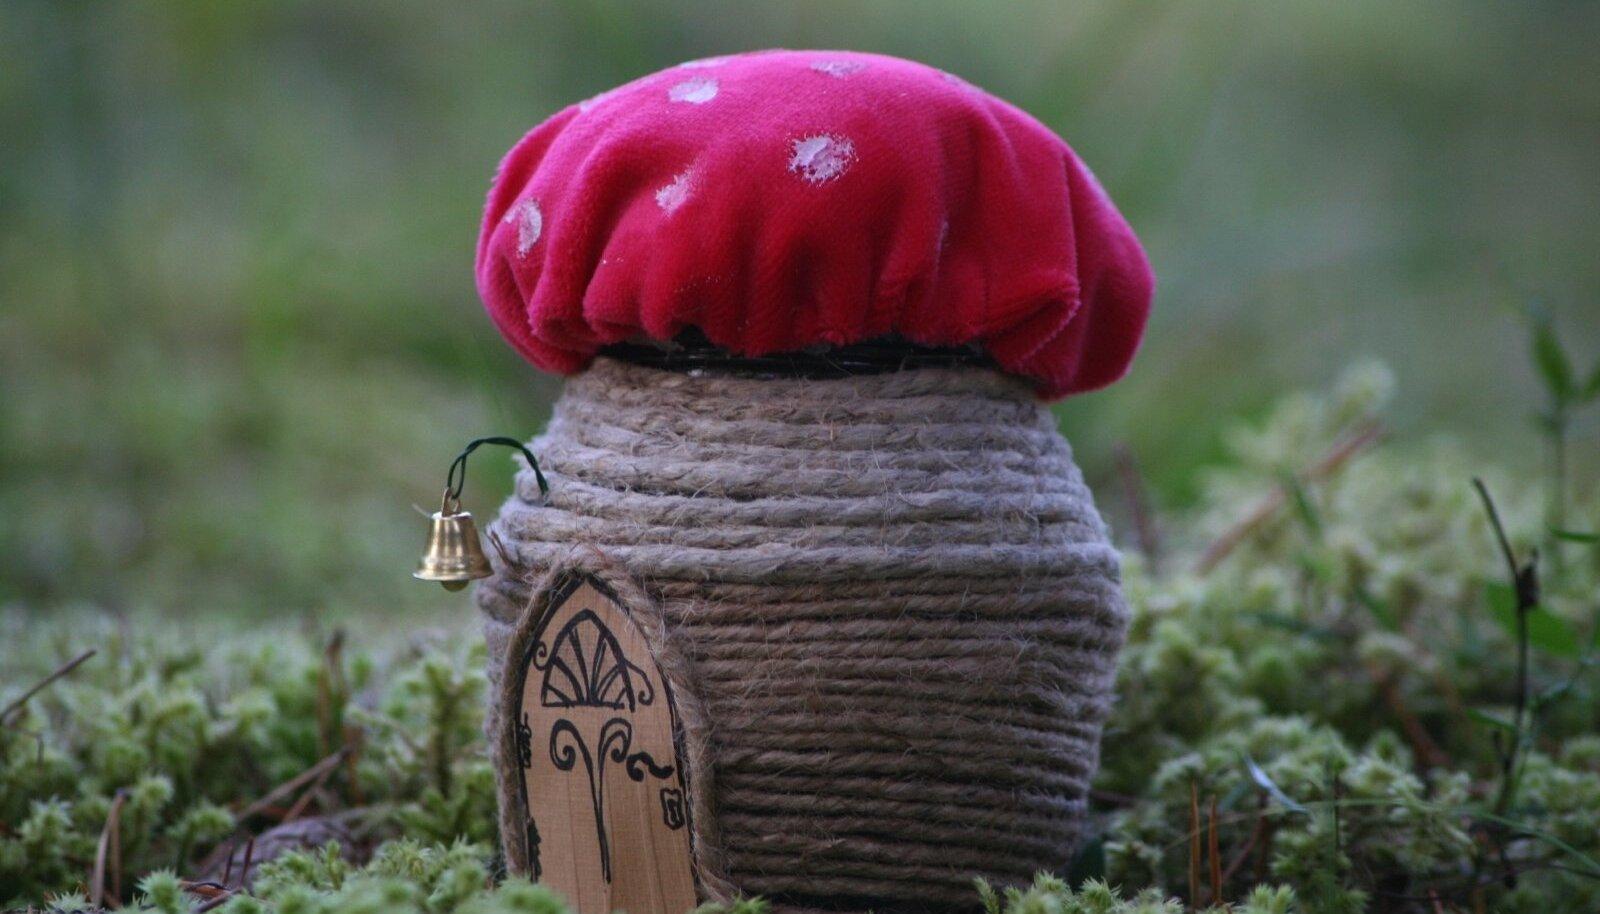 Muinasjutulisema seene tegemiseks tuleb veidi rohkem vaeva näha.